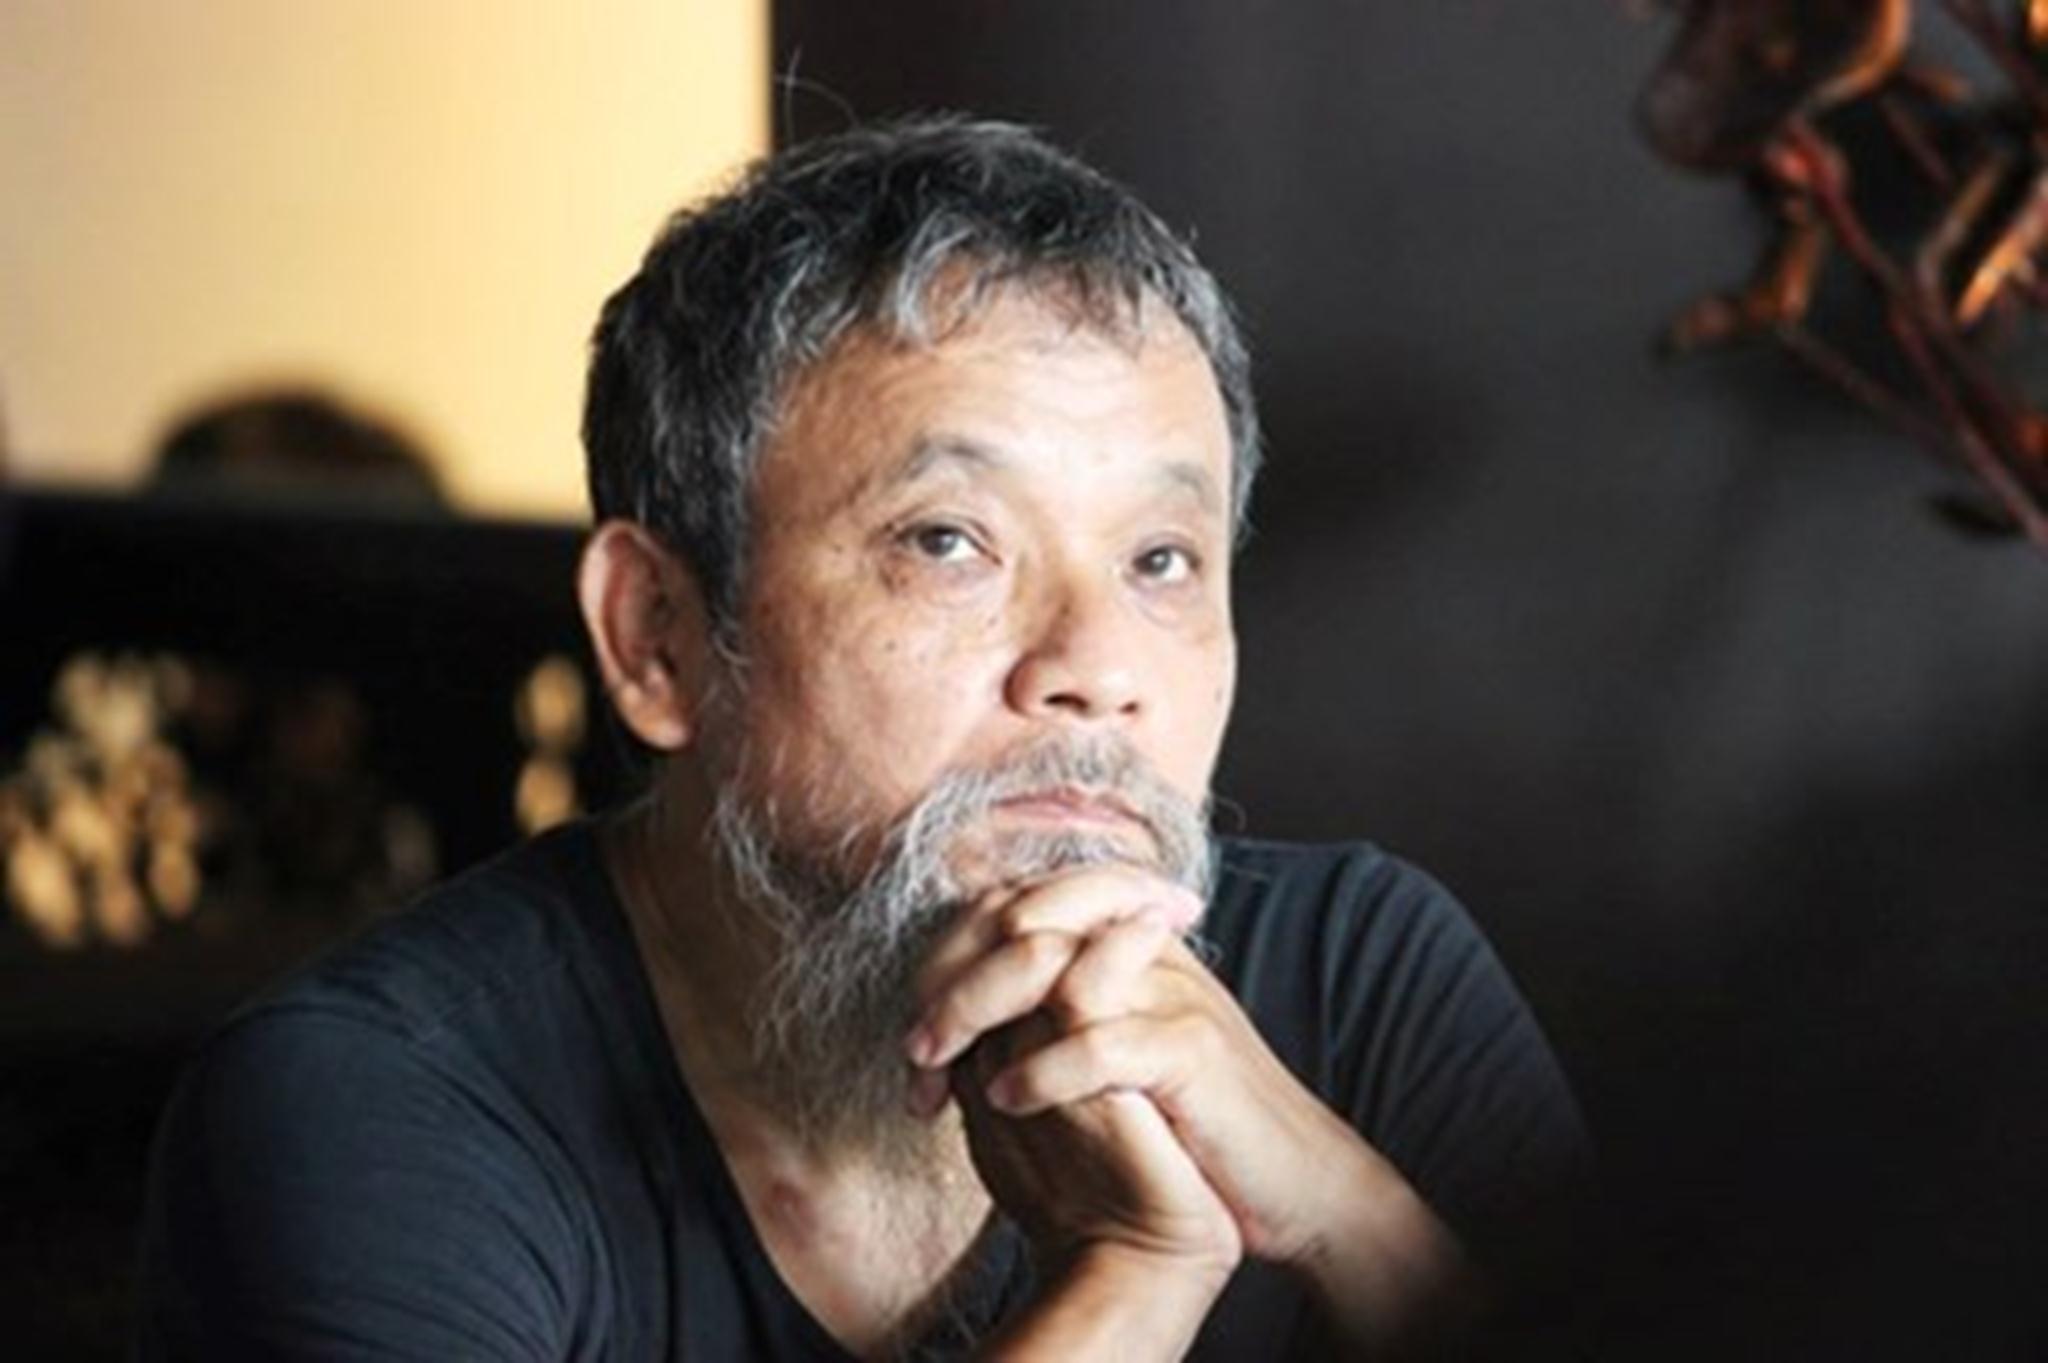 Họa sĩ, nhà phê bình Phan Cẩm Thượng. Ảnh: Nguyễn Đức Bình.